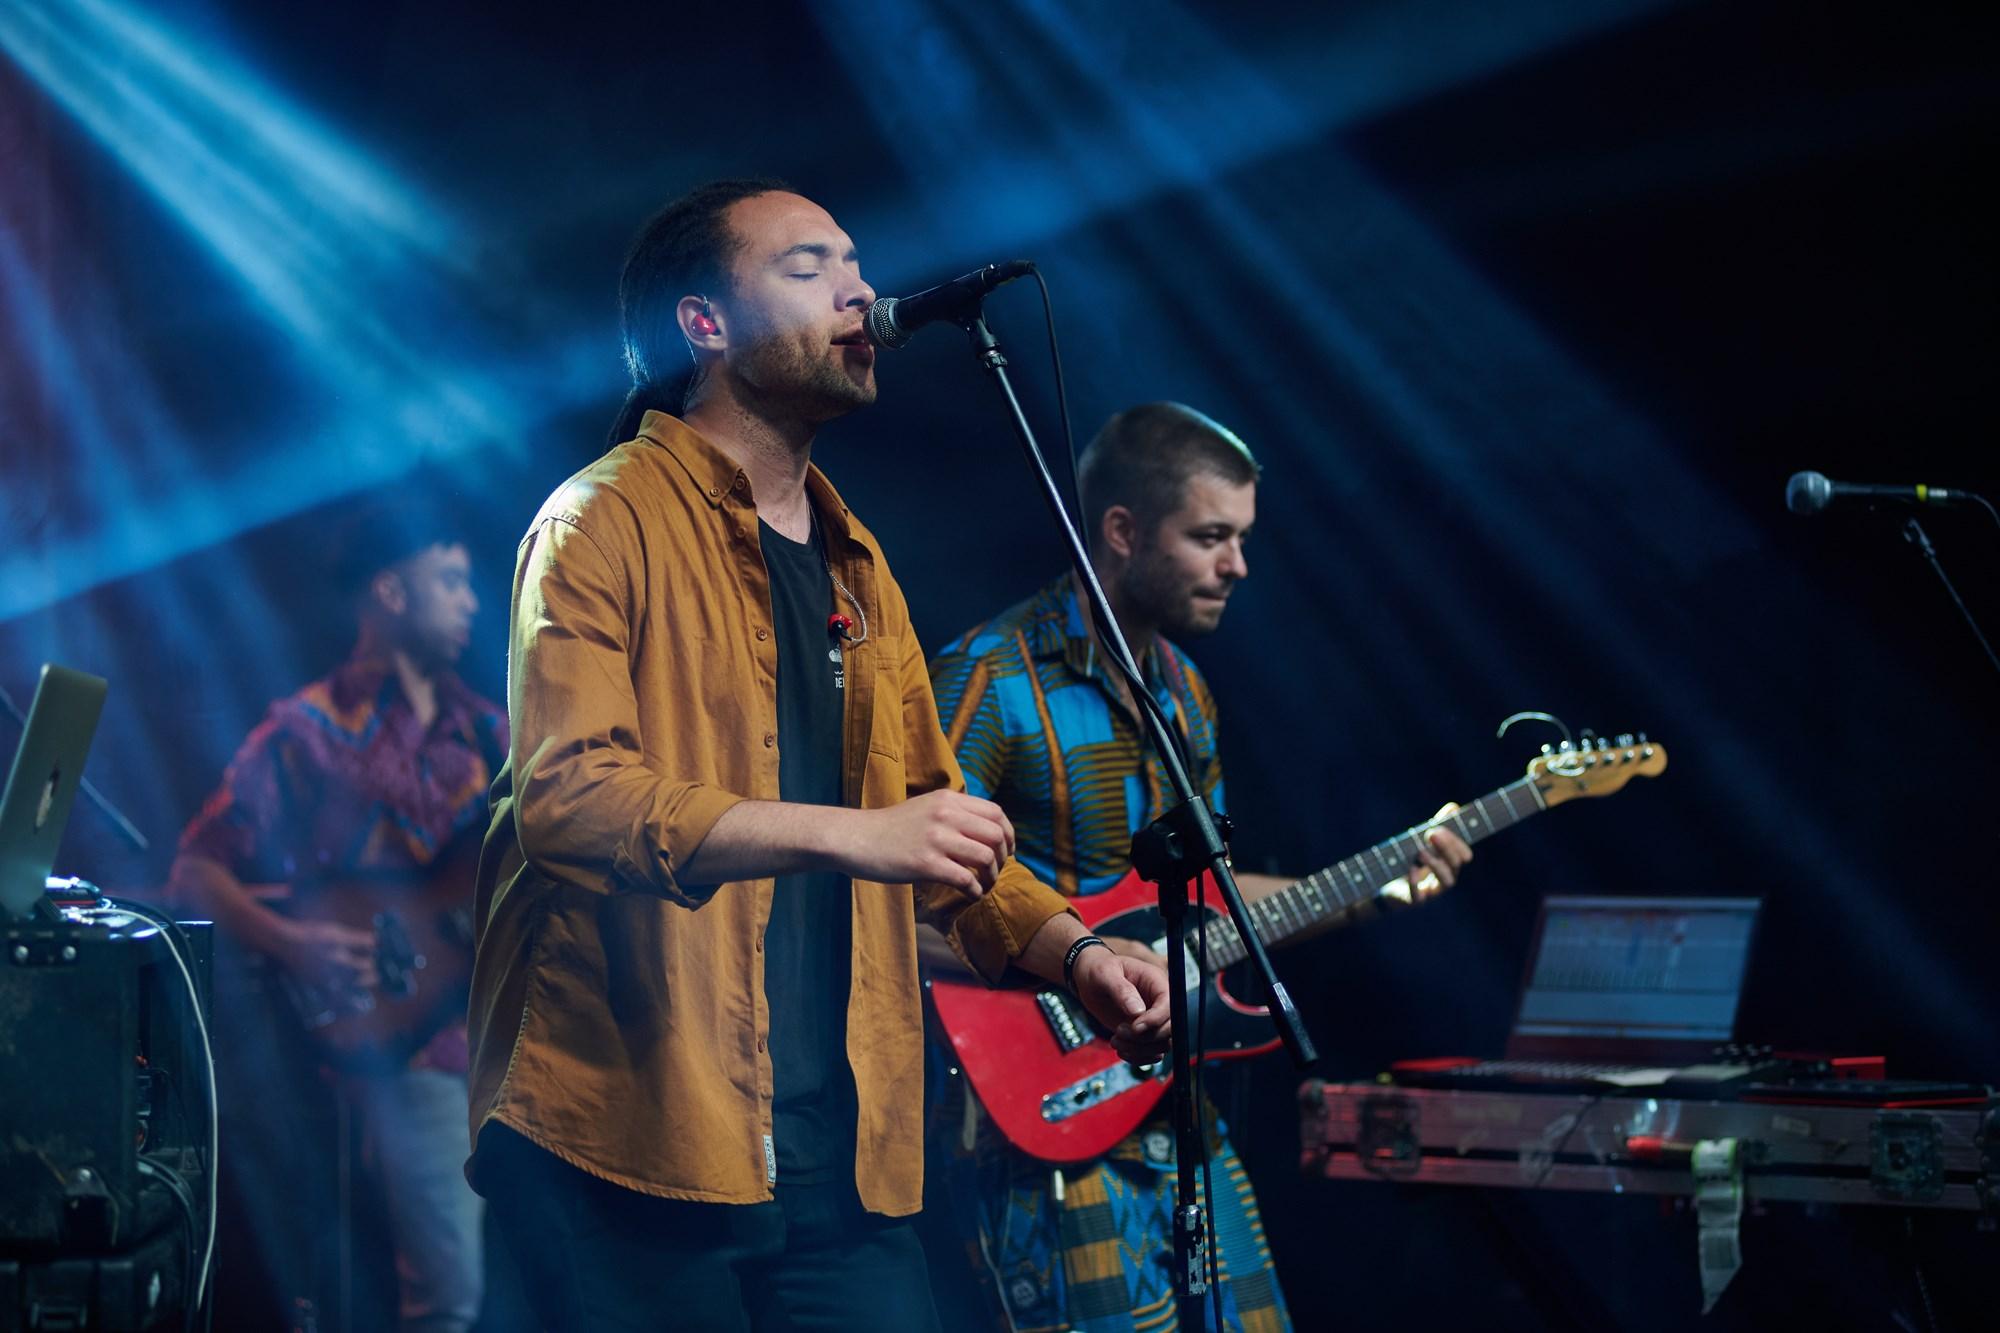 [Zdjęcie z koncertu Nubiyan Twist. Na pierwszym planie wokalista śpiewający do mikrofonu, w dredach i musztardowej koszuli, na drugim planie gitarzyści.]